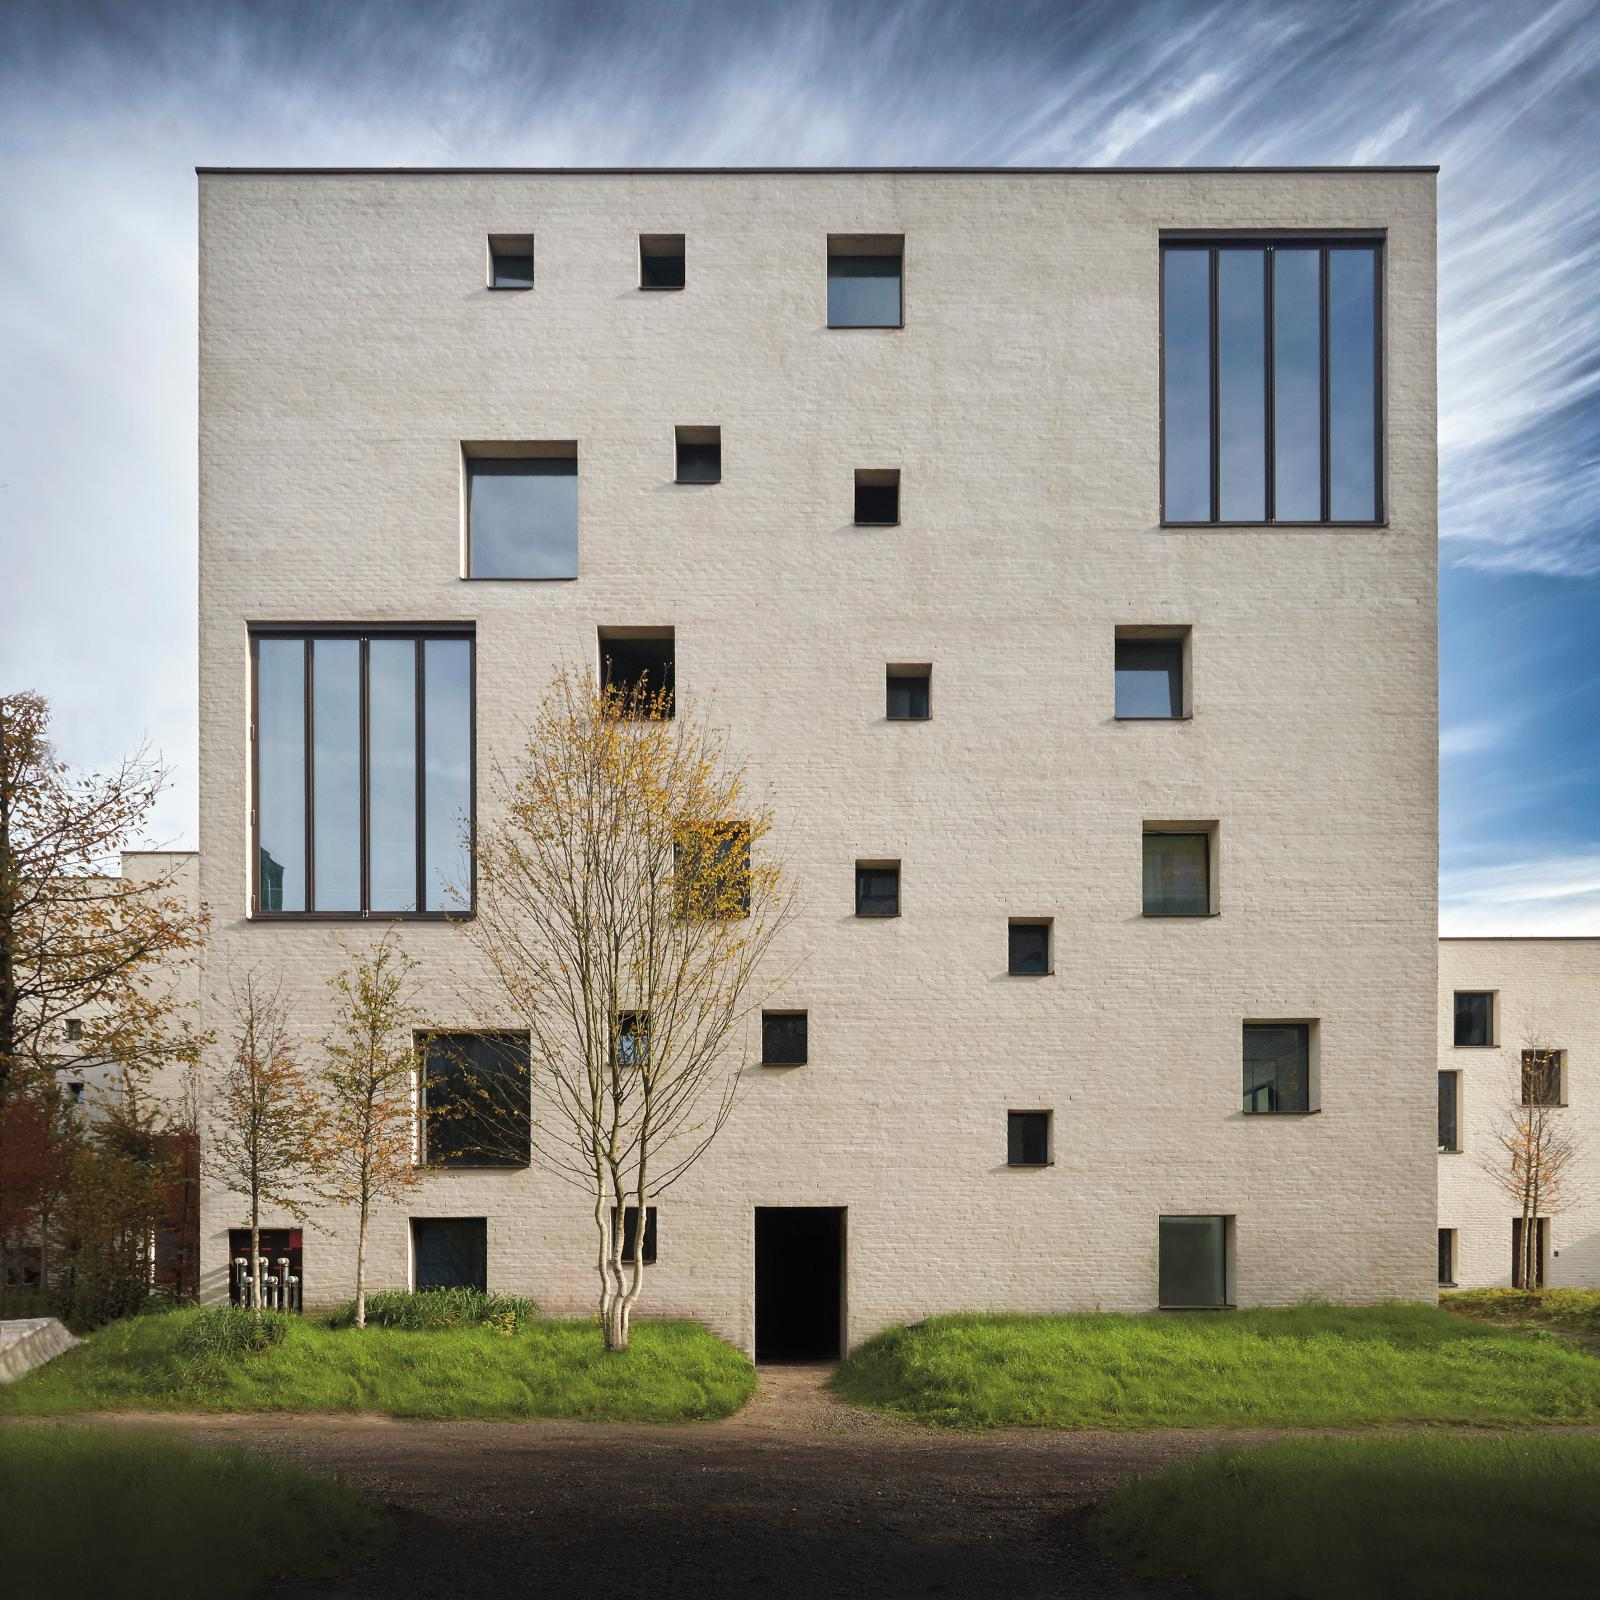 Kanaal, la fondation d'Axel Vervoordt à Wijnegem, près d'Anvers. © Jan Liégeois. Courtesy Galerie Axel Vervoordt